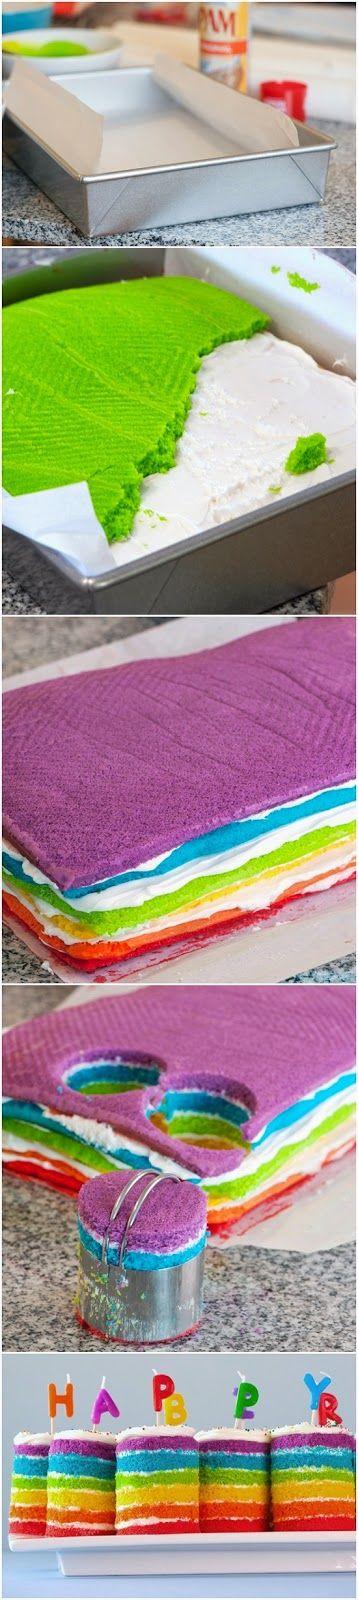 Teeny Tiny Rainbow Cakes - picture tutorial